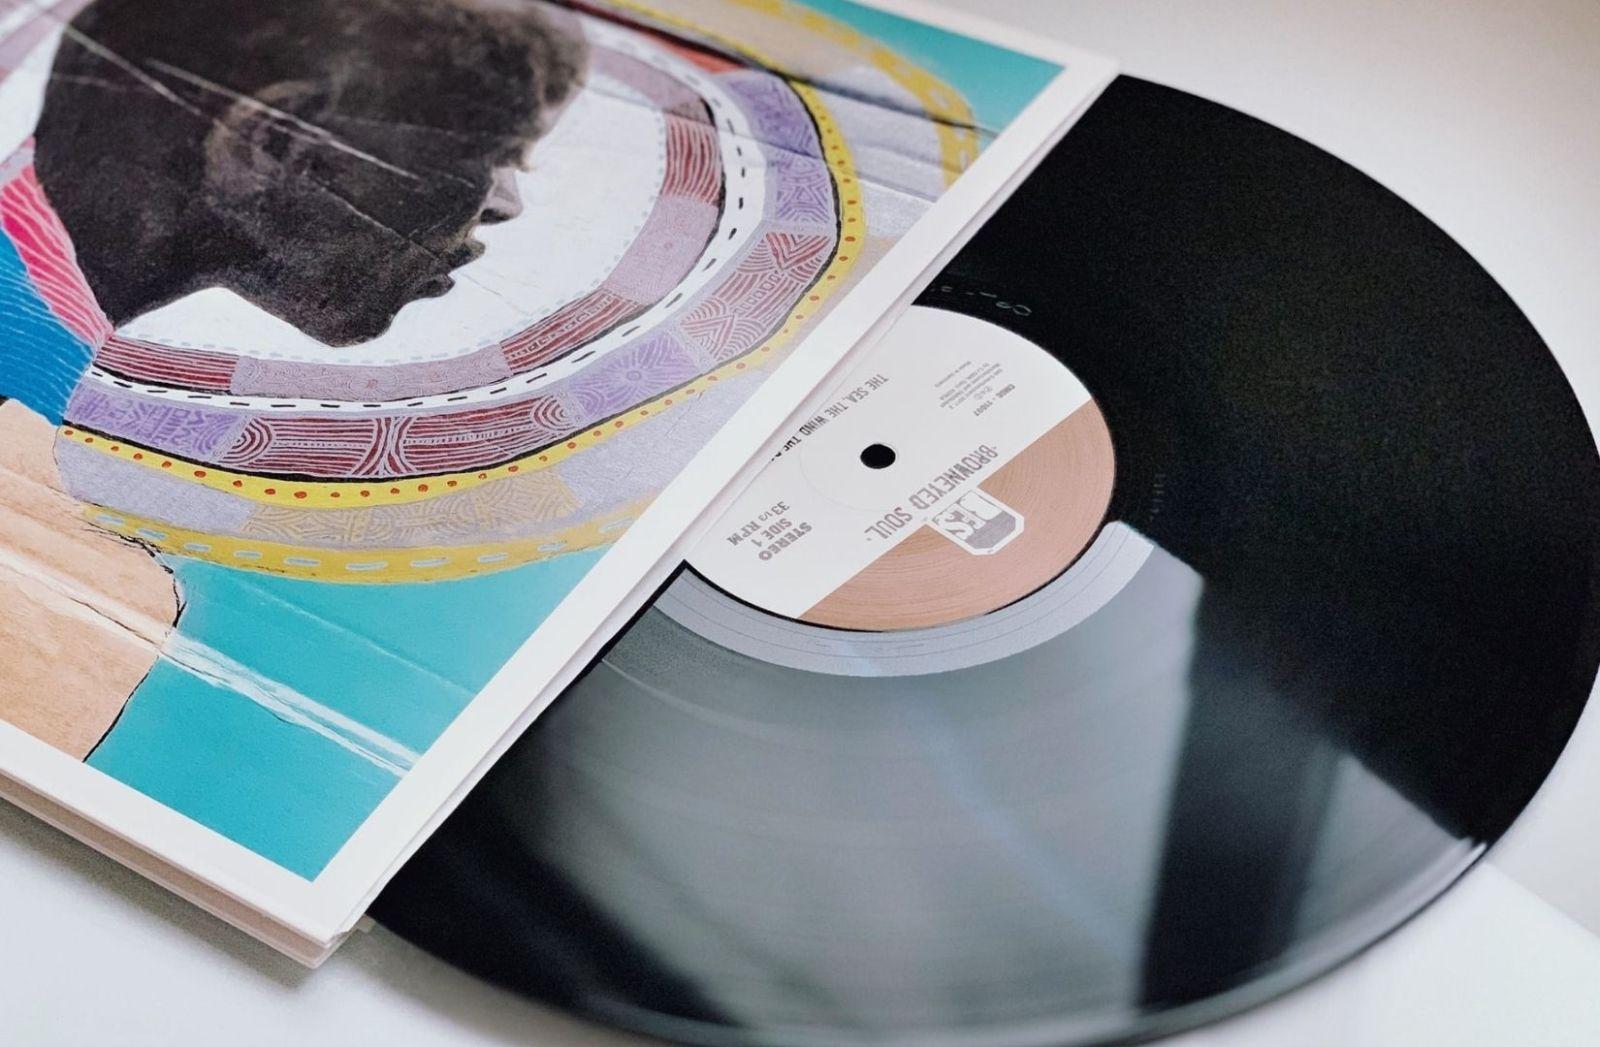 Auch im neuen Jahrhundert wird es Schallplatten geben. (Foto: Daily Choice, Unsplash.com)